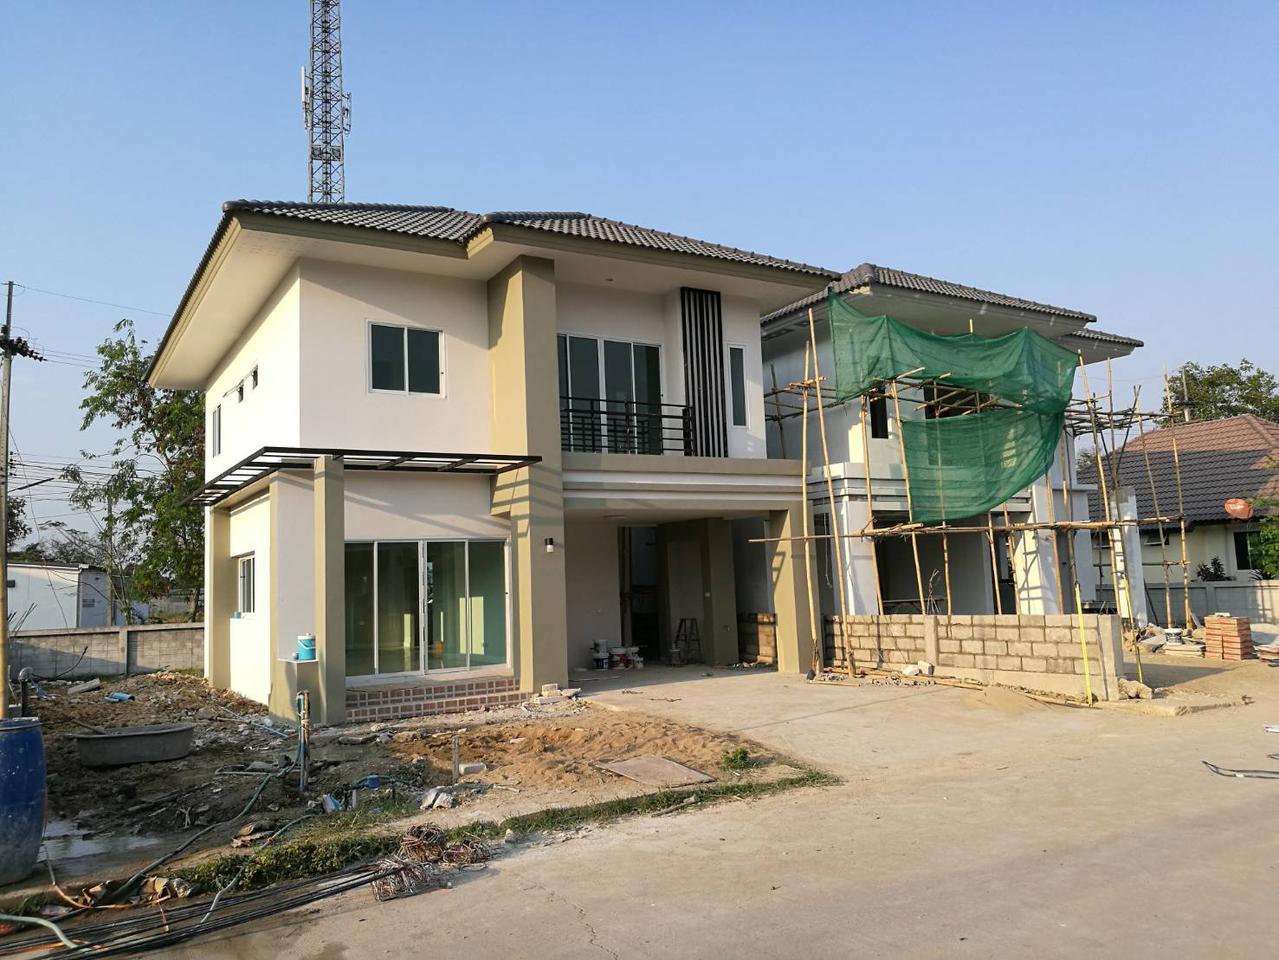 บ้านเดี่ยวเชียงใหม่ในหมู่บ้านบุรีทาน่า รูปที่ 6